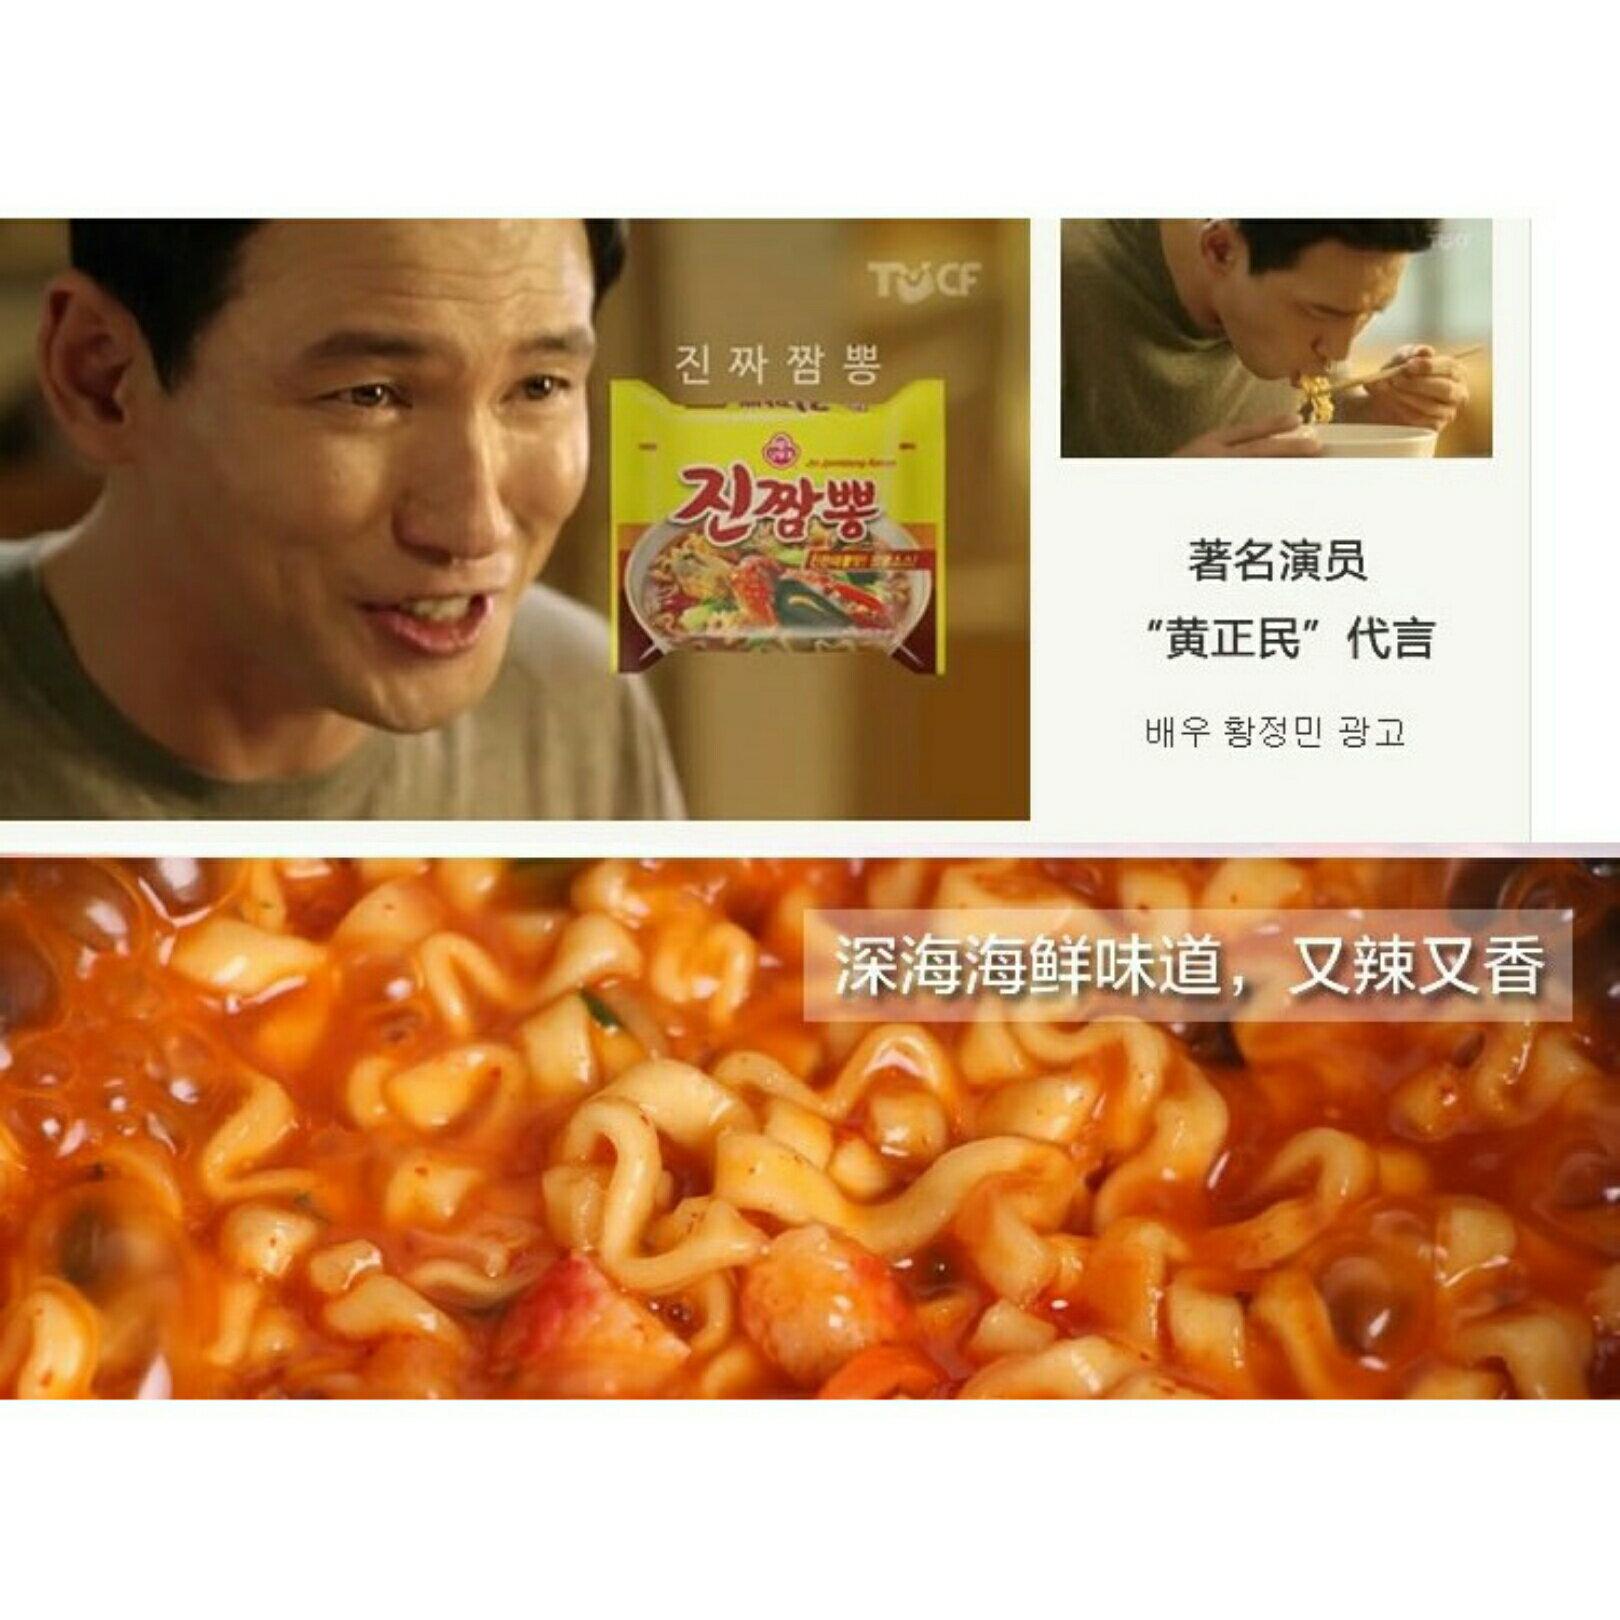 有樂町進口食品 韓流來襲 不倒翁r金螃蟹炒碼麵 130g 8801045522678 0